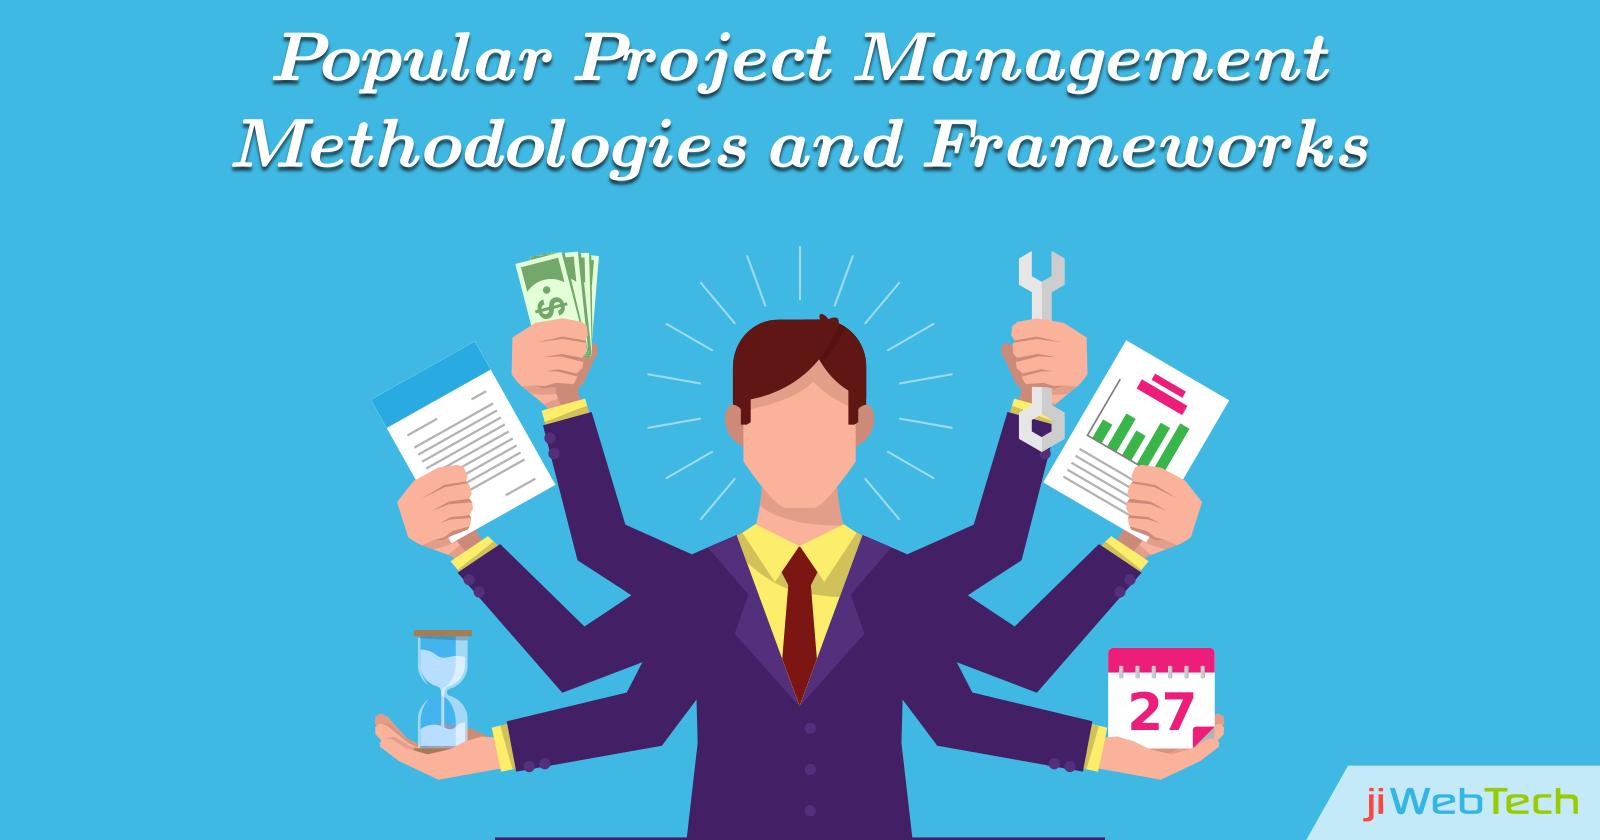 Popular Project Management Methodologies and Frameworks